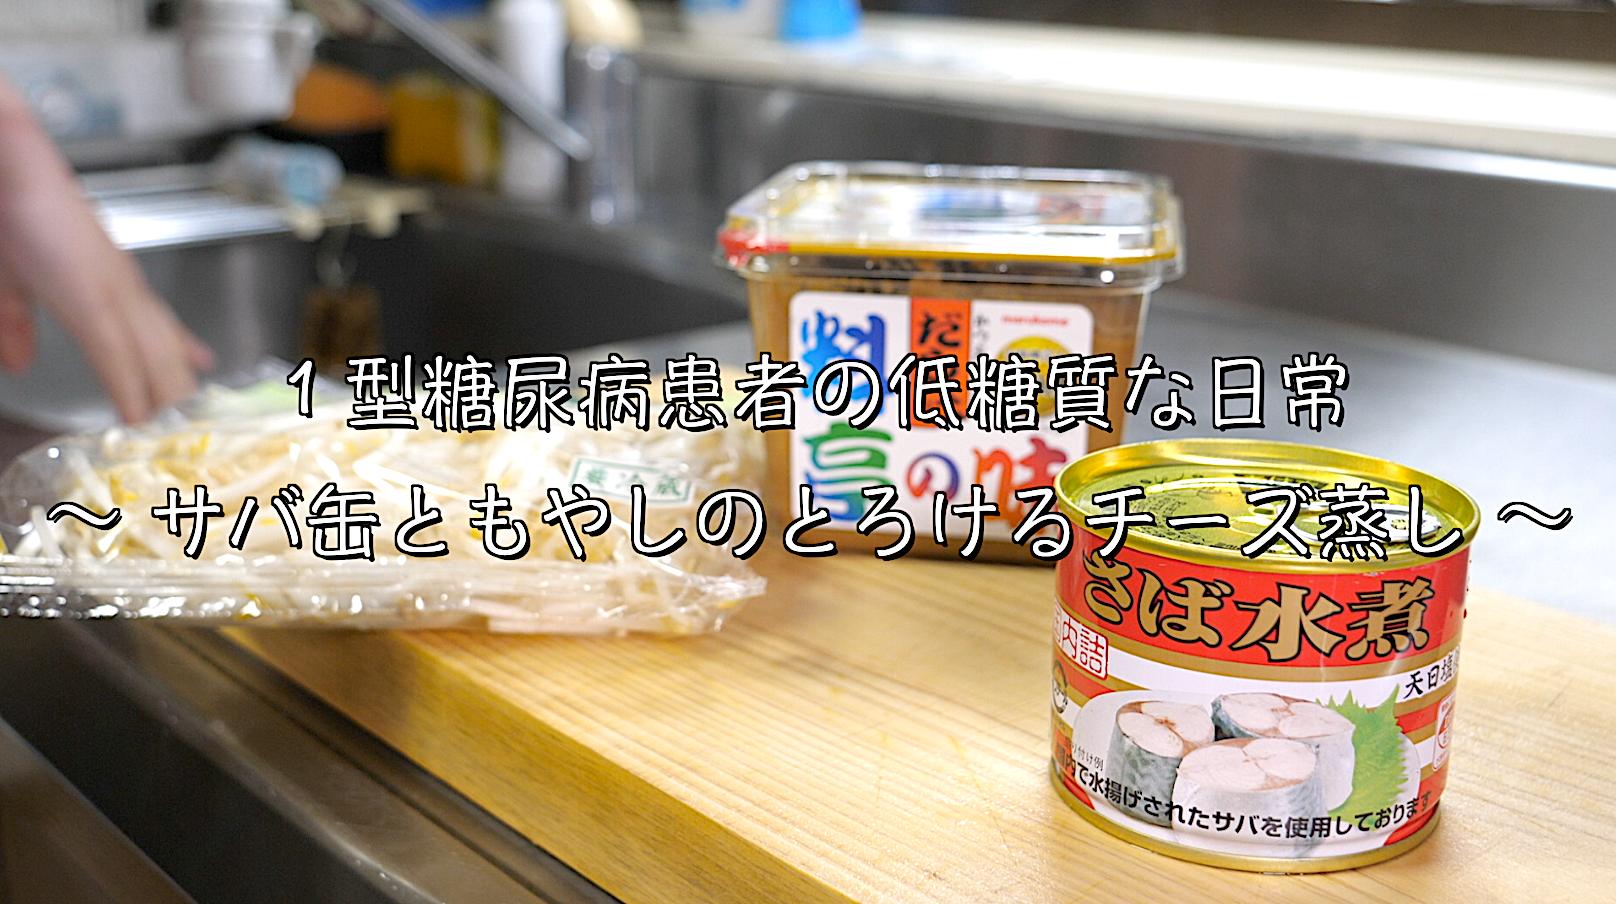 サバ缶 もやし レシピ ダイエット